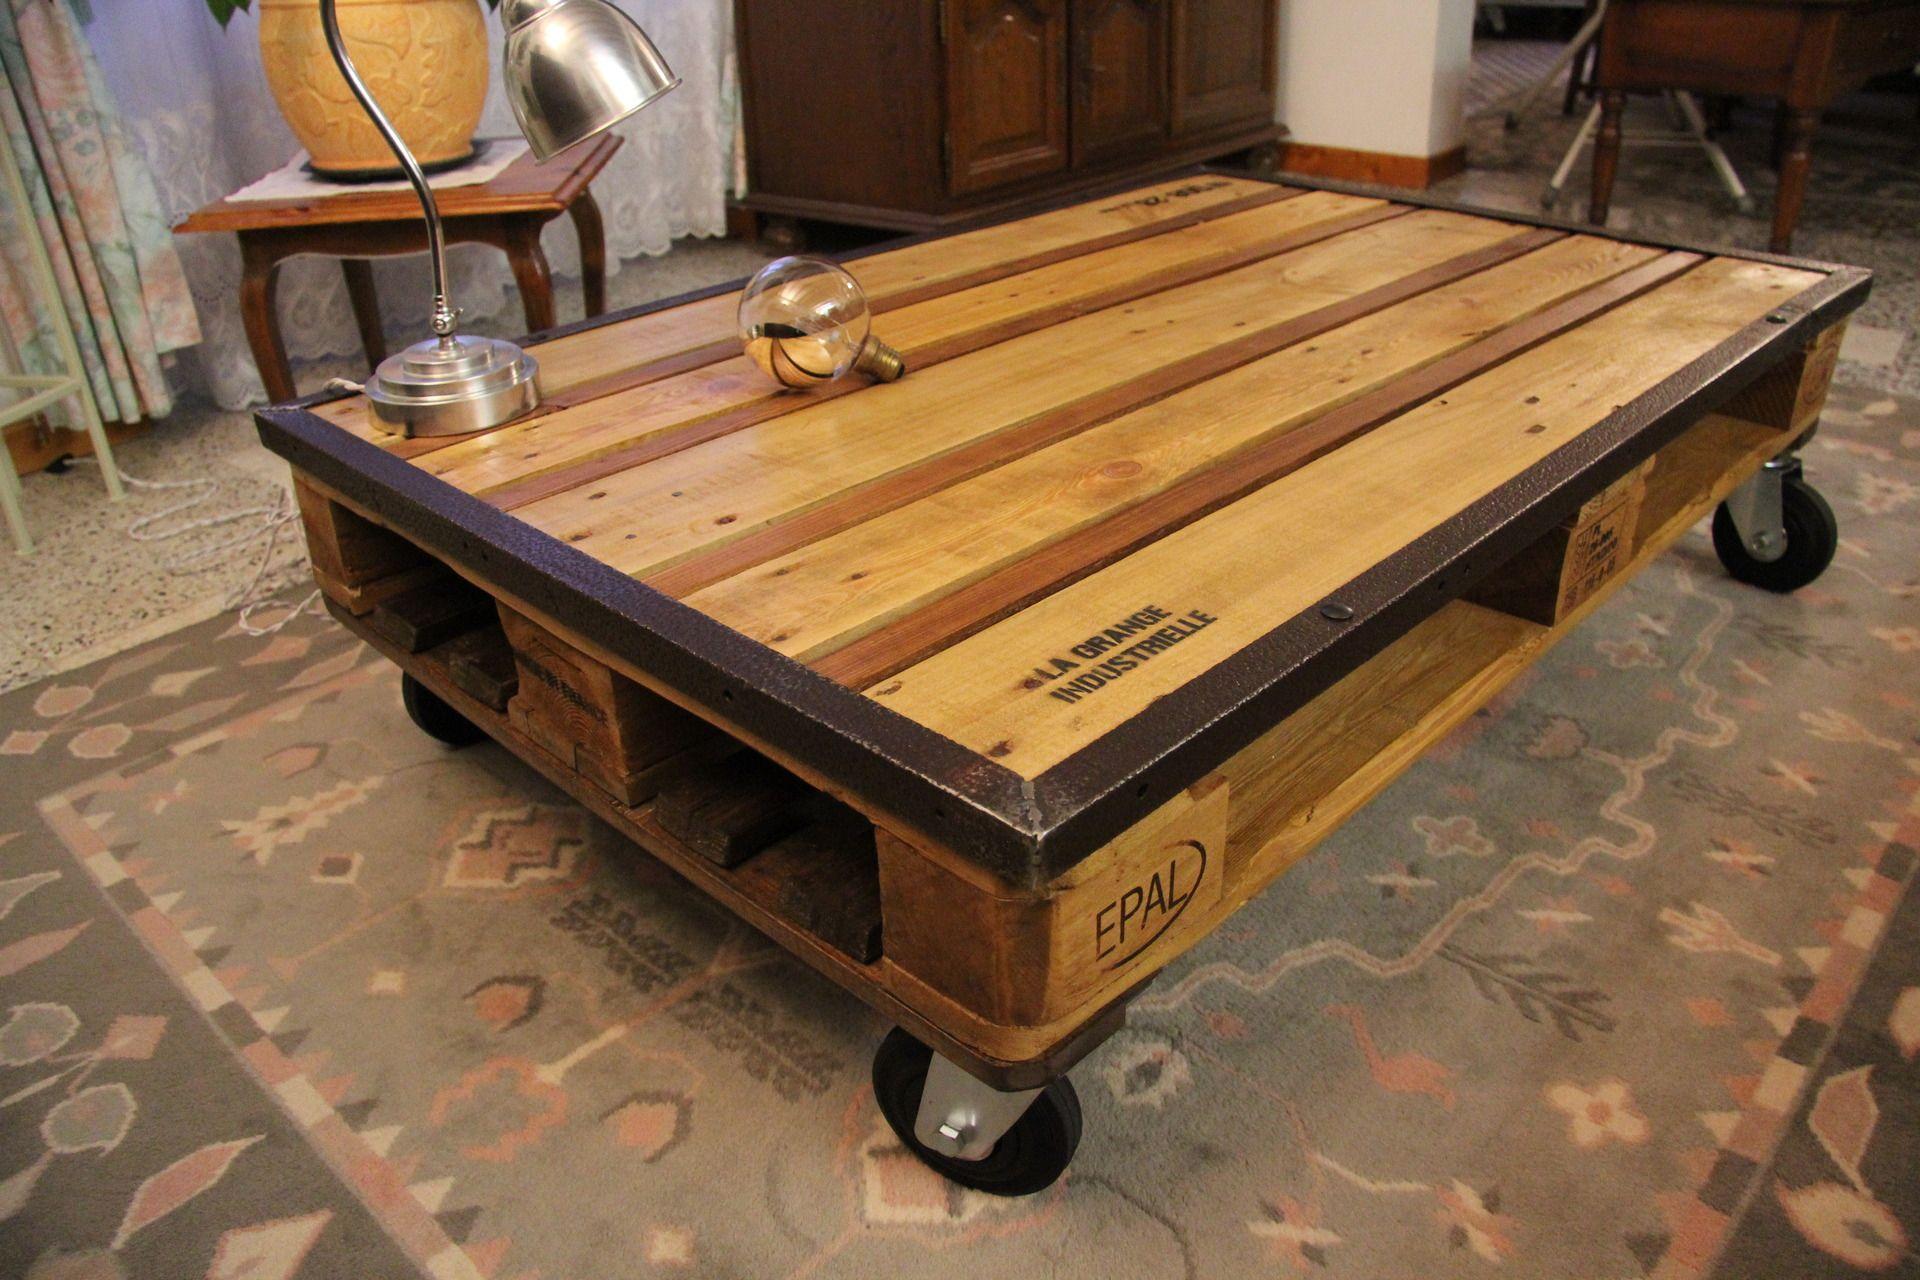 Table Basse Palette La Grange Industielle Production Meubles Et Rangements Par La Grange Industrielle Table Basse Palette Table Basse Table De Salon